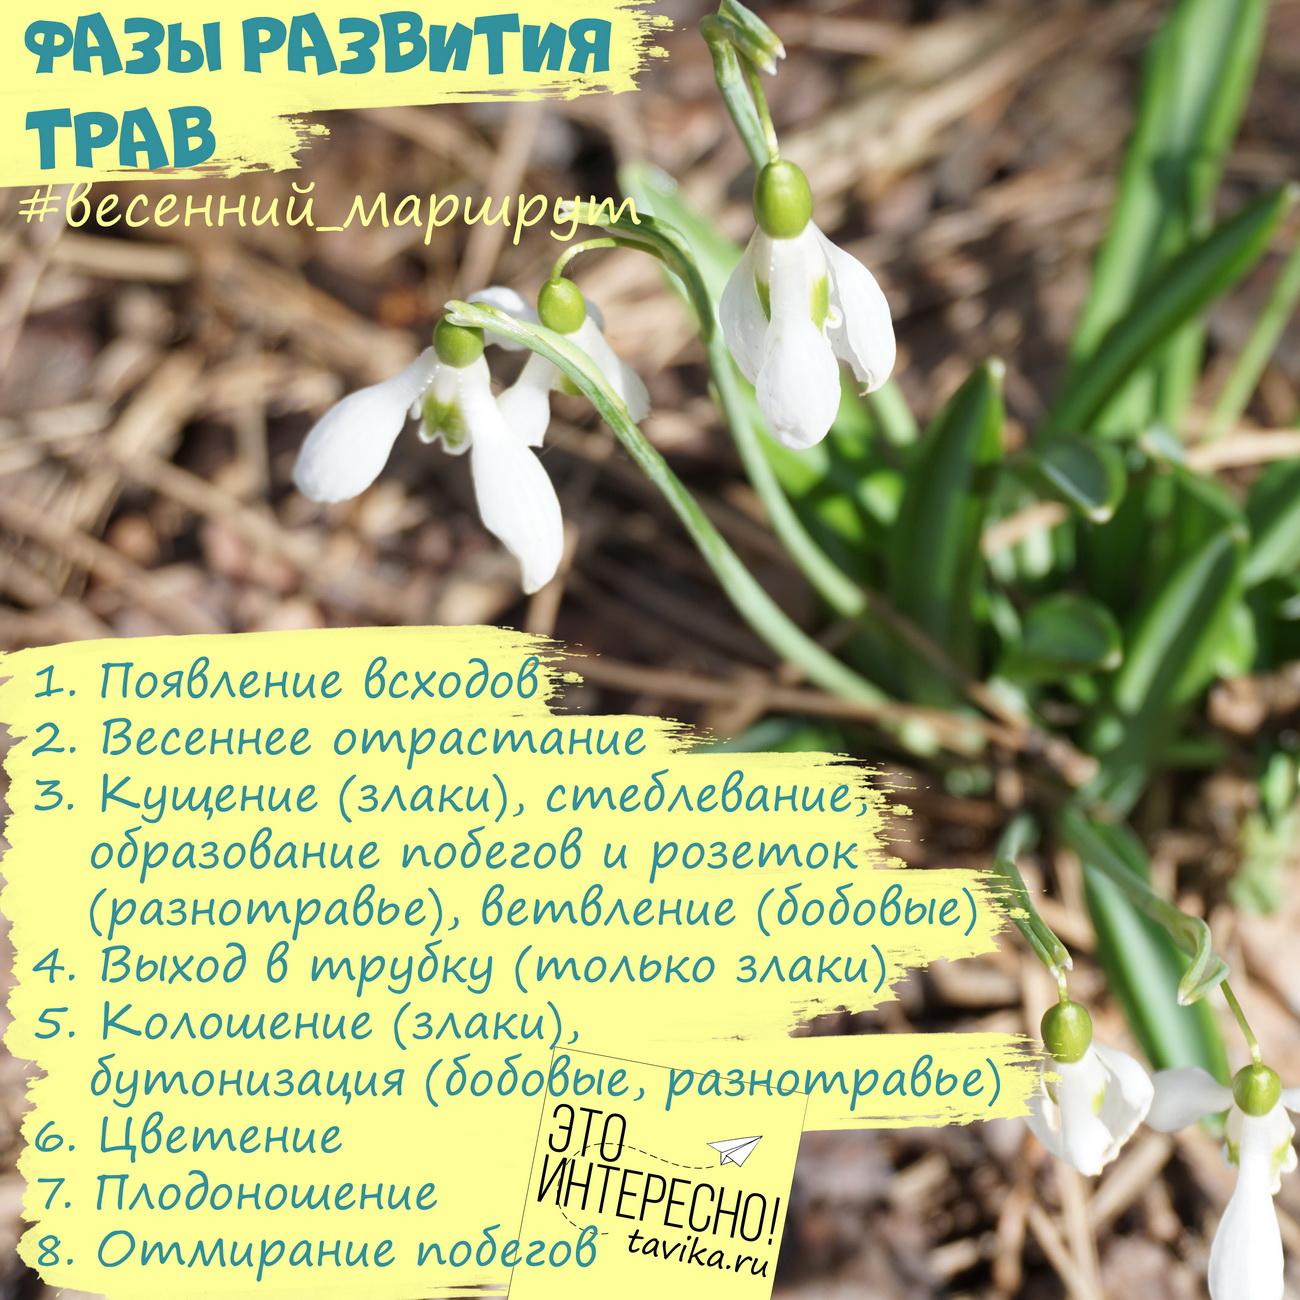 фенофазы у цветов и трав